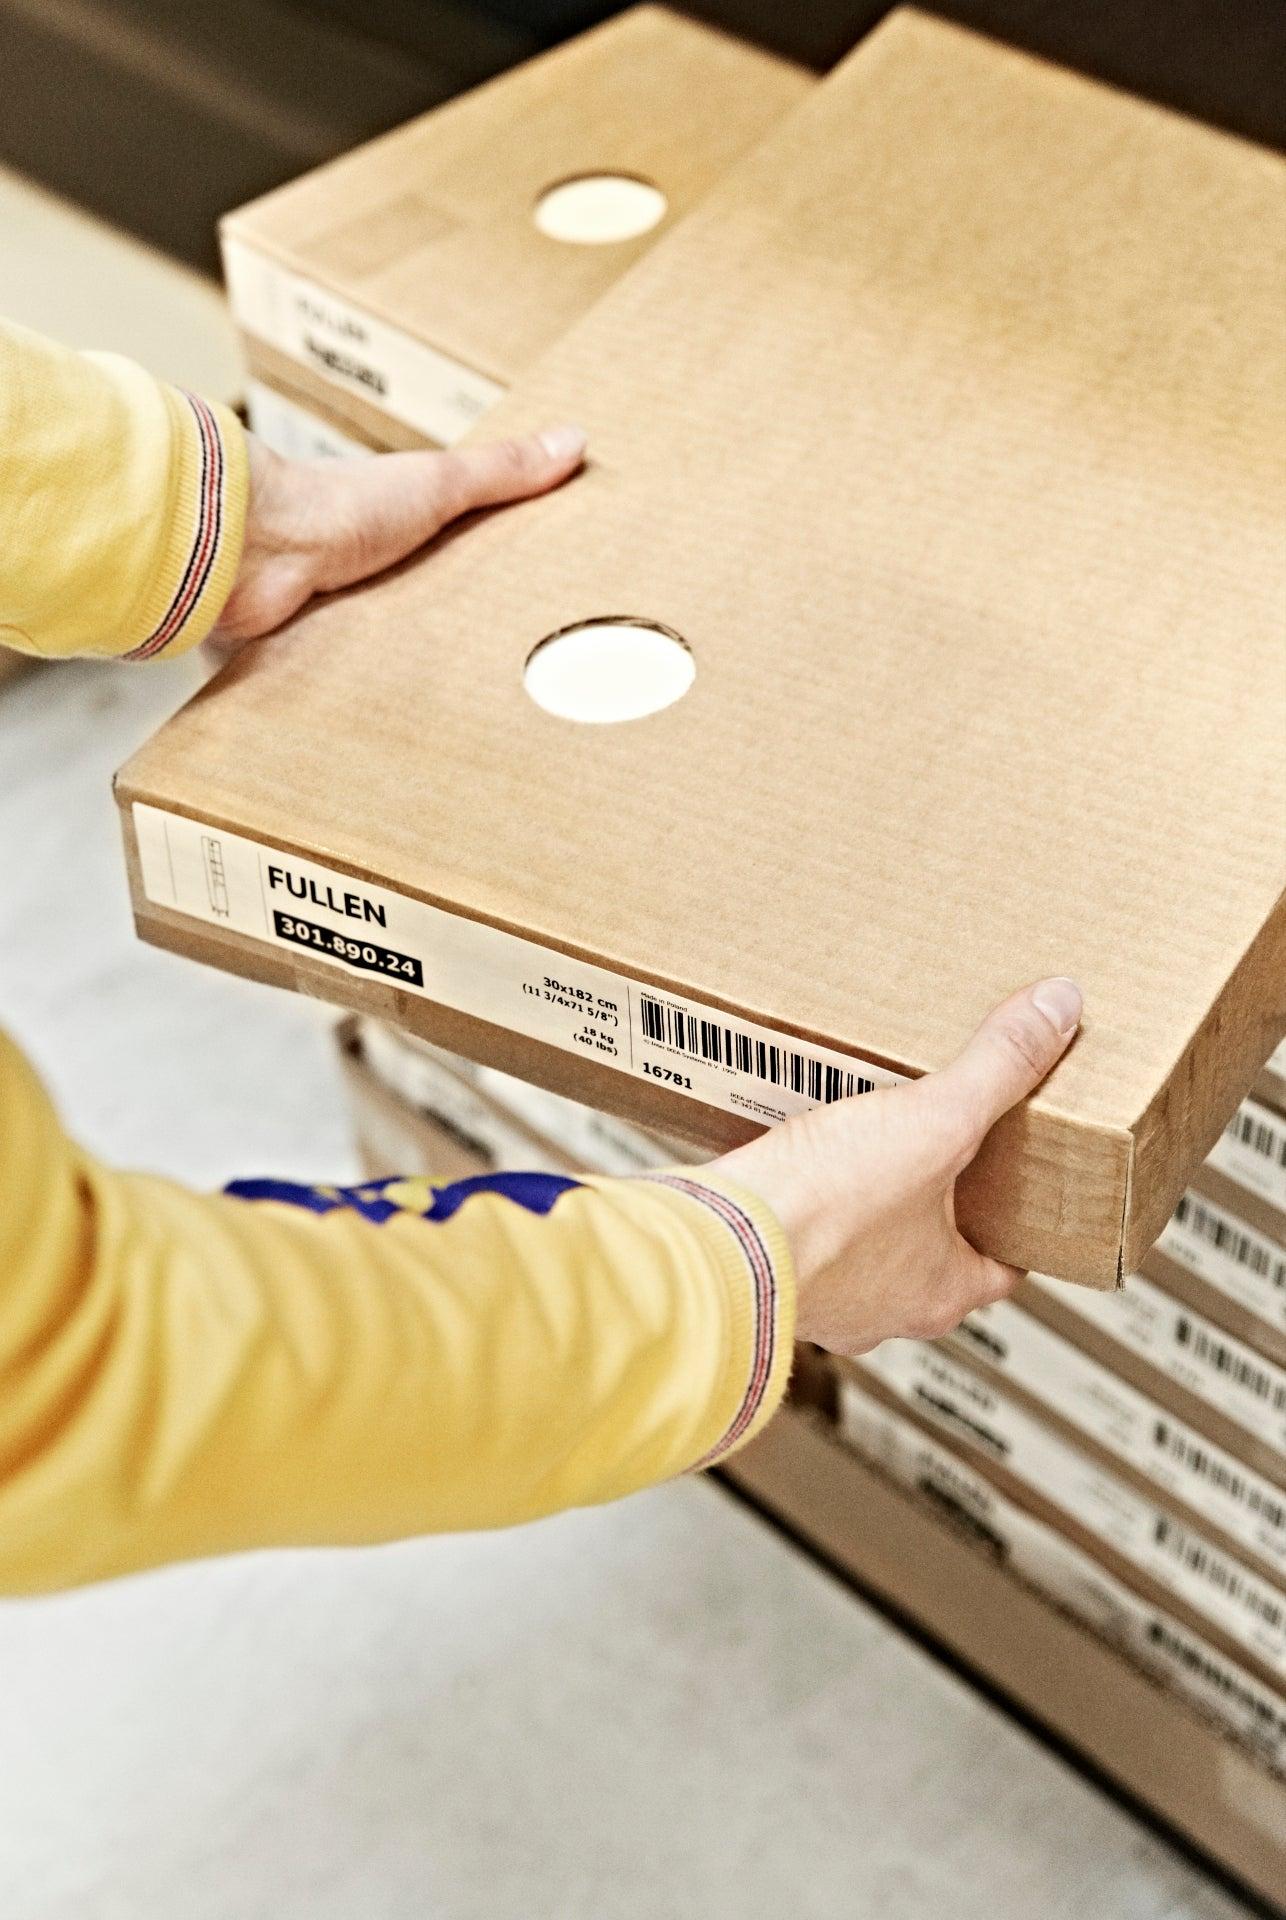 An IKEA worker picks up a flatpack box